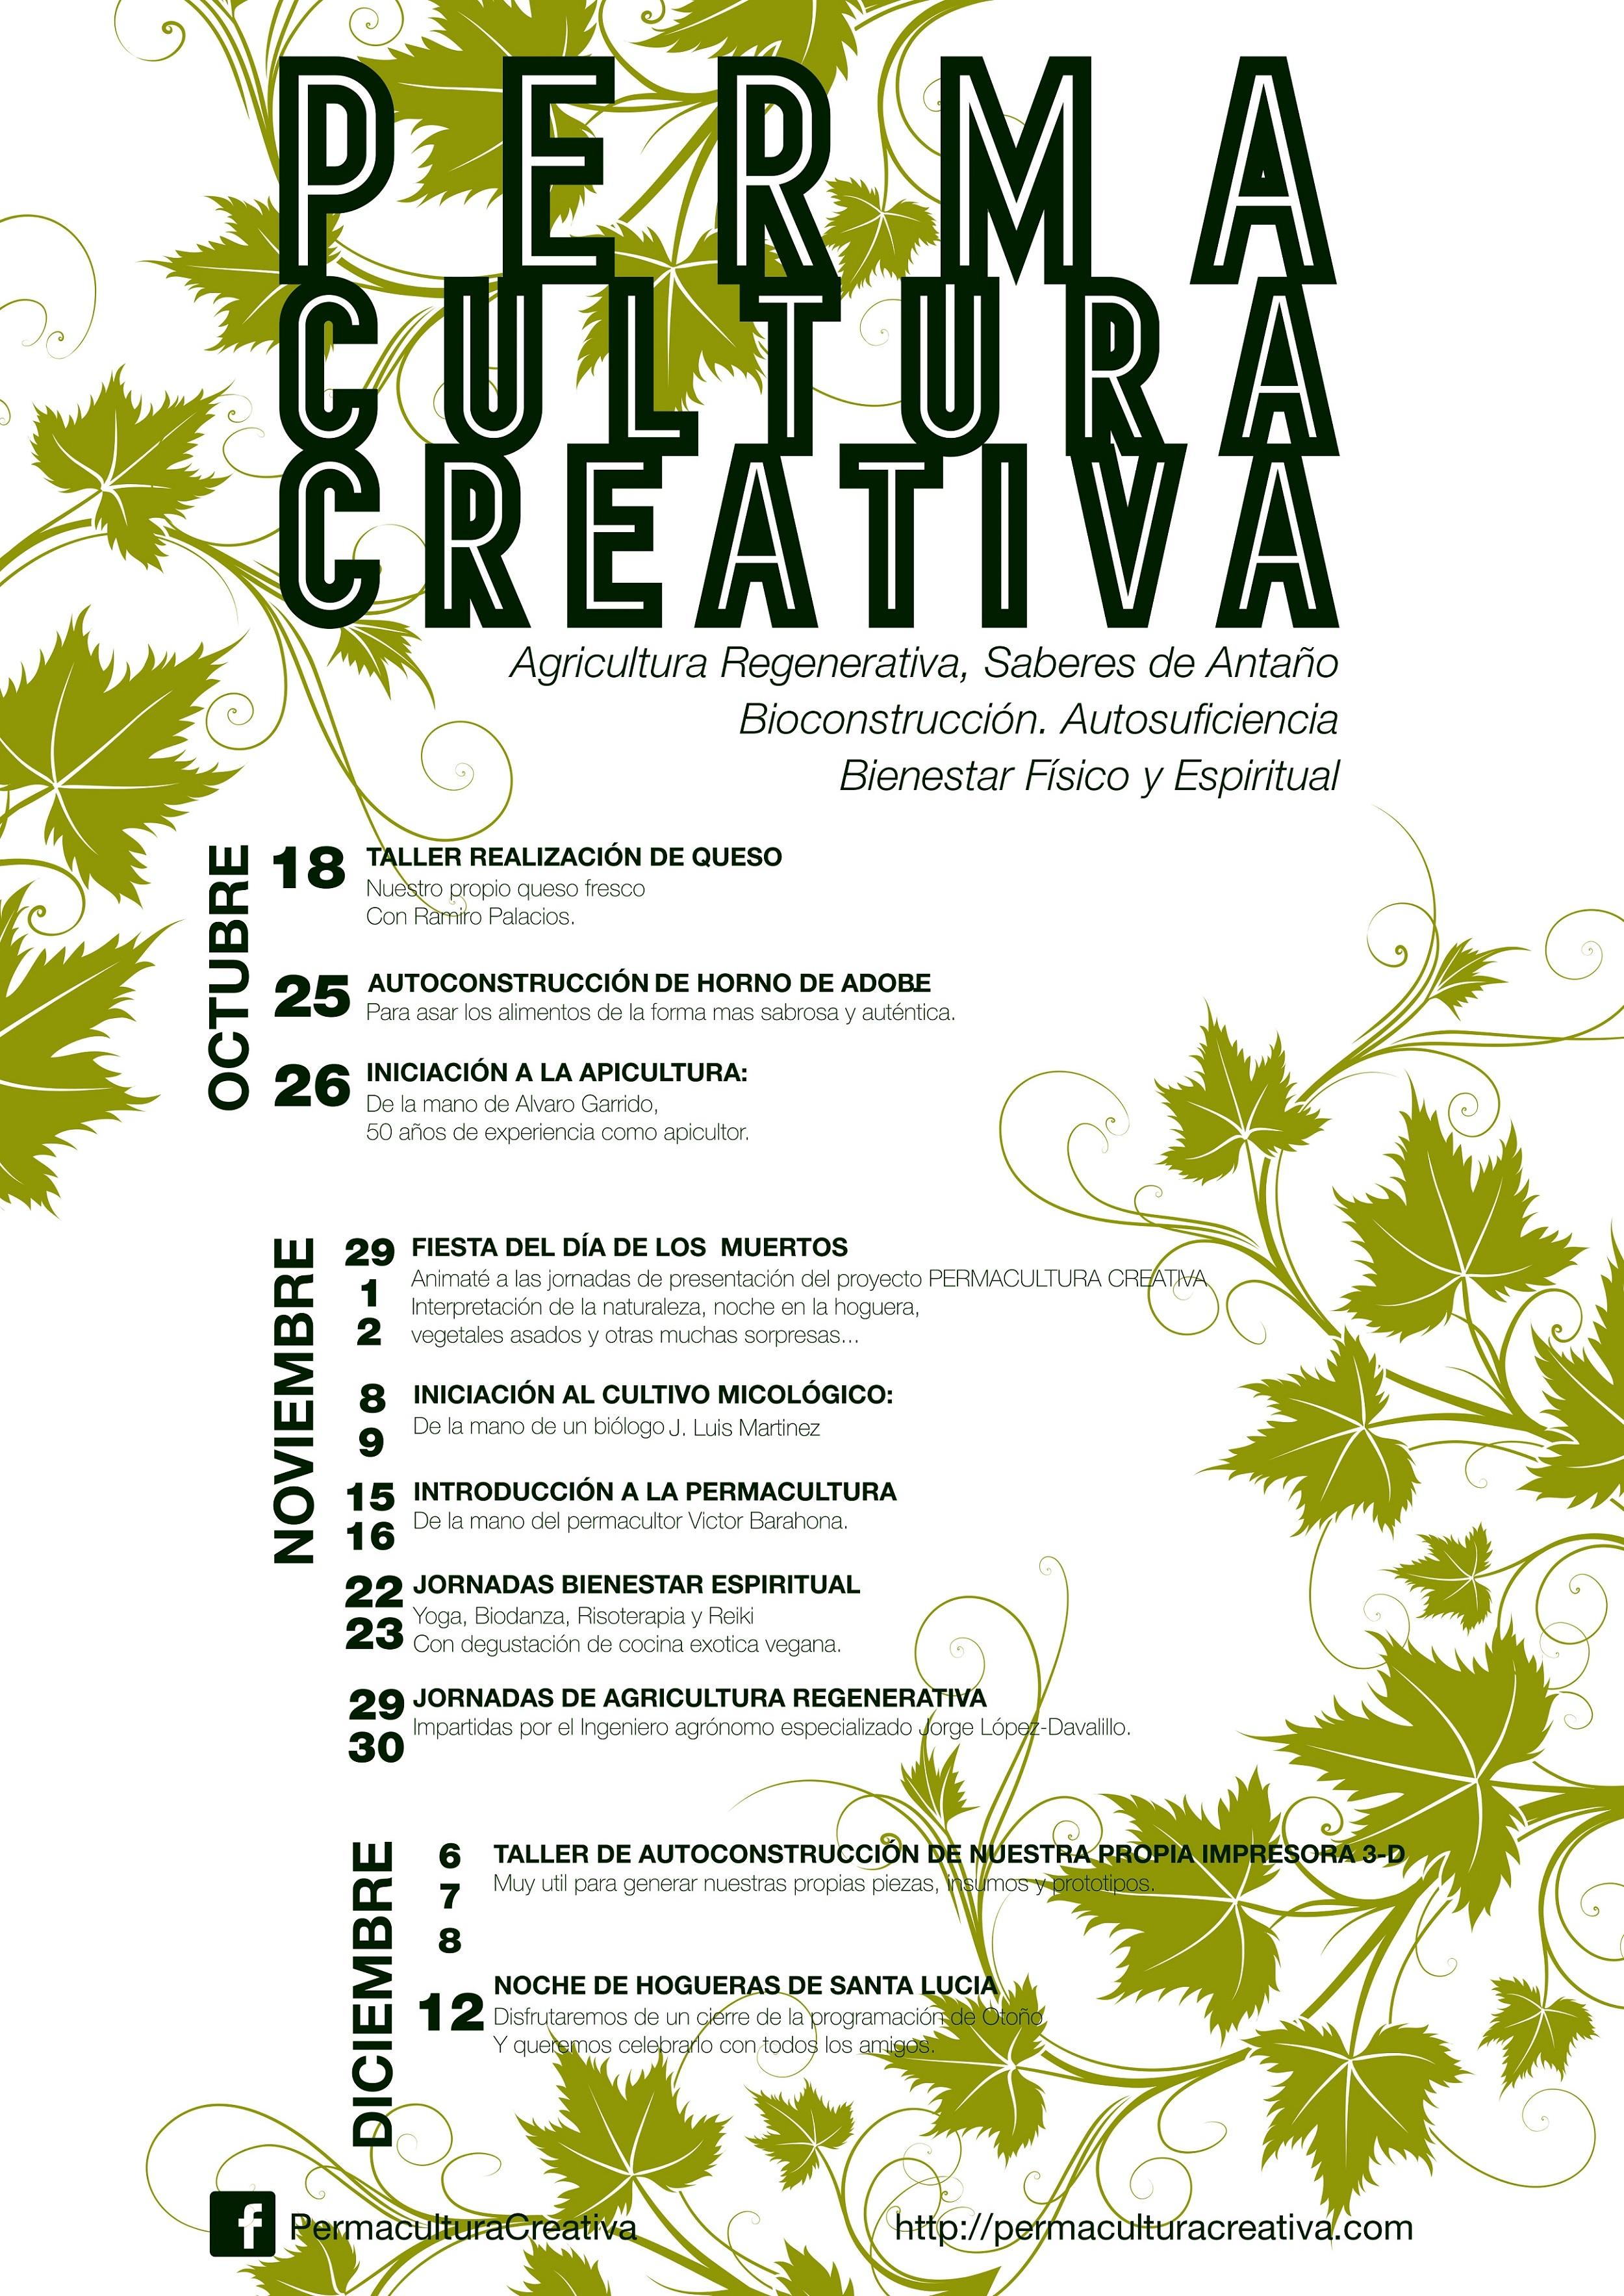 Cartel informativo con los eventos Otoño 2014 Permacultura Creativa